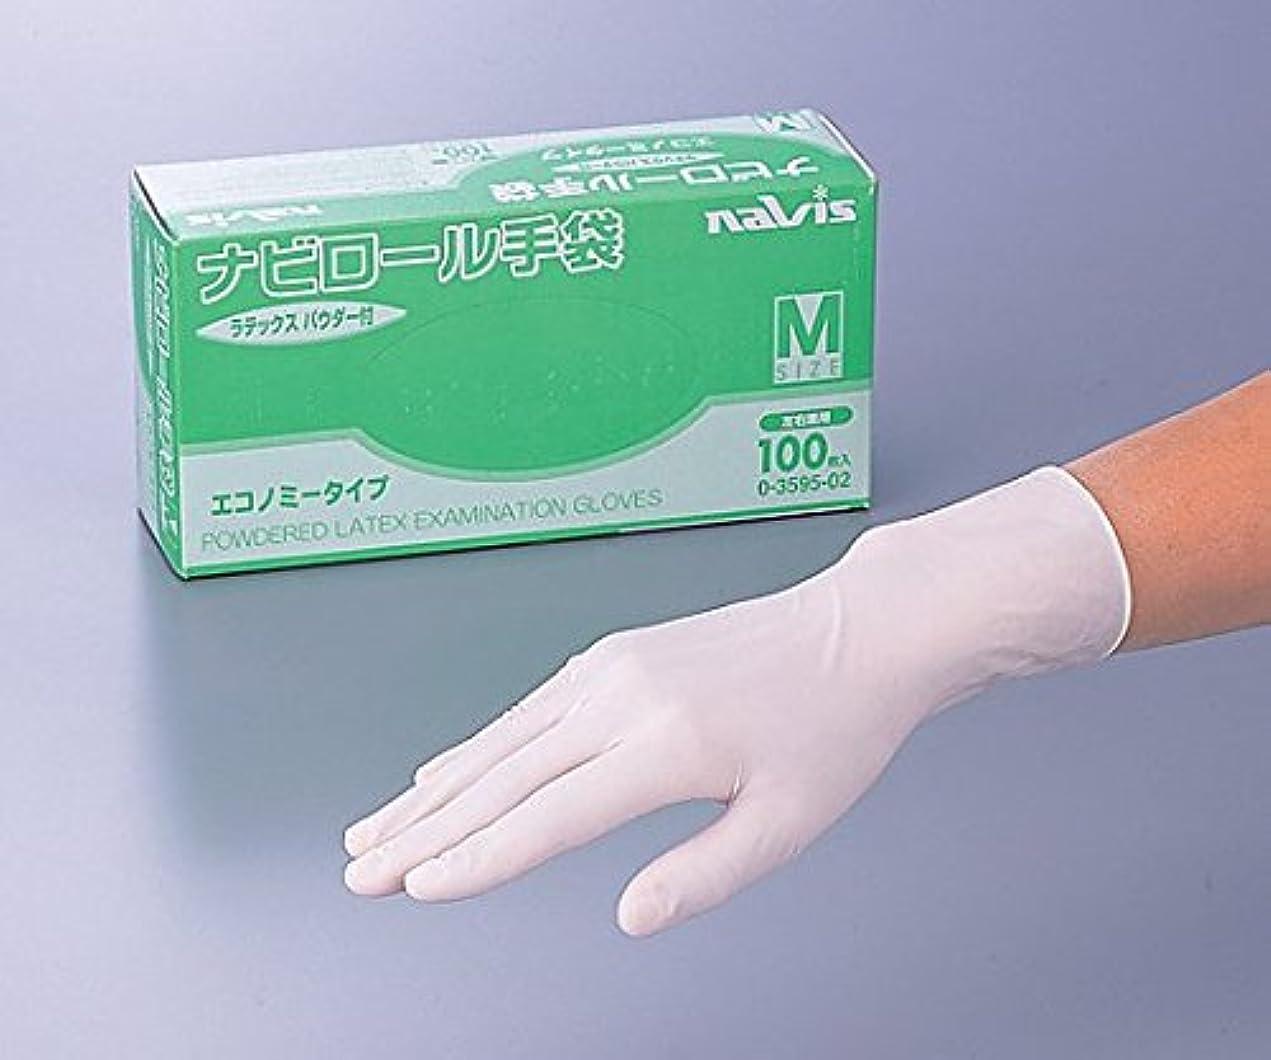 油の面では刻むアズワン0-3595-01ナビロール手袋(エコノミータイプ?パウダー付)L100枚入